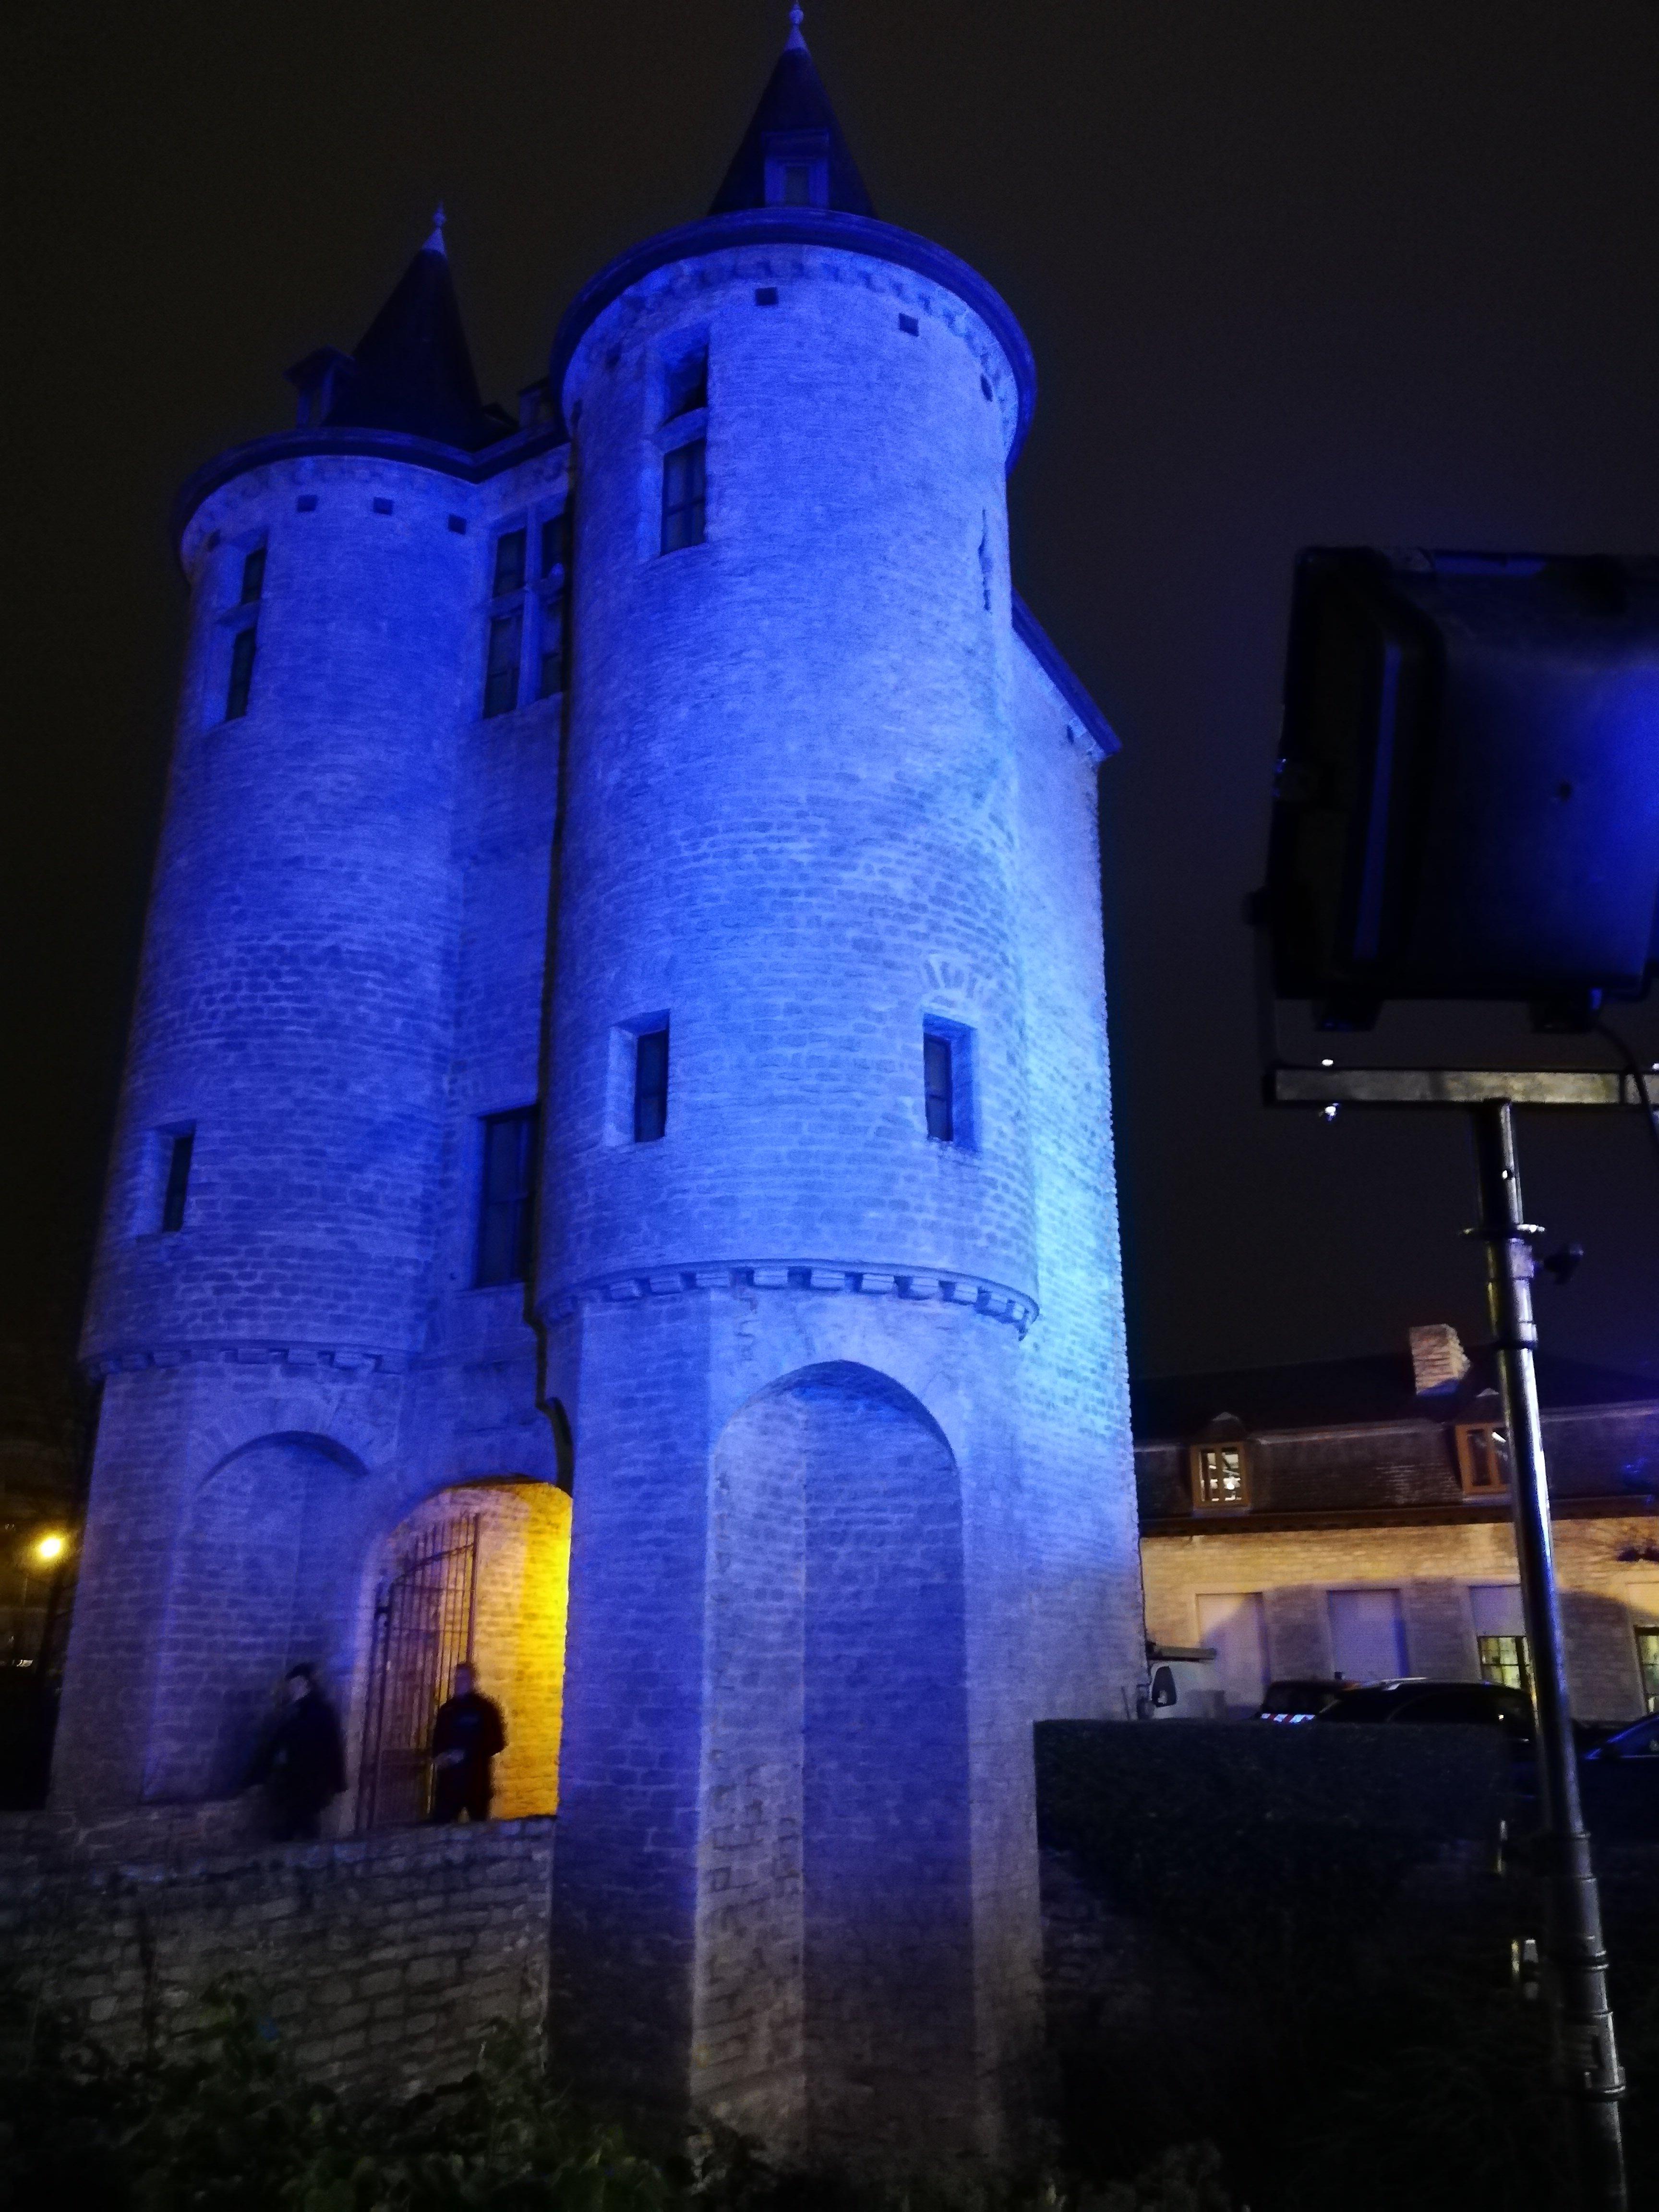 Superprestige Diegem 2018 - Blauw licht.jpg